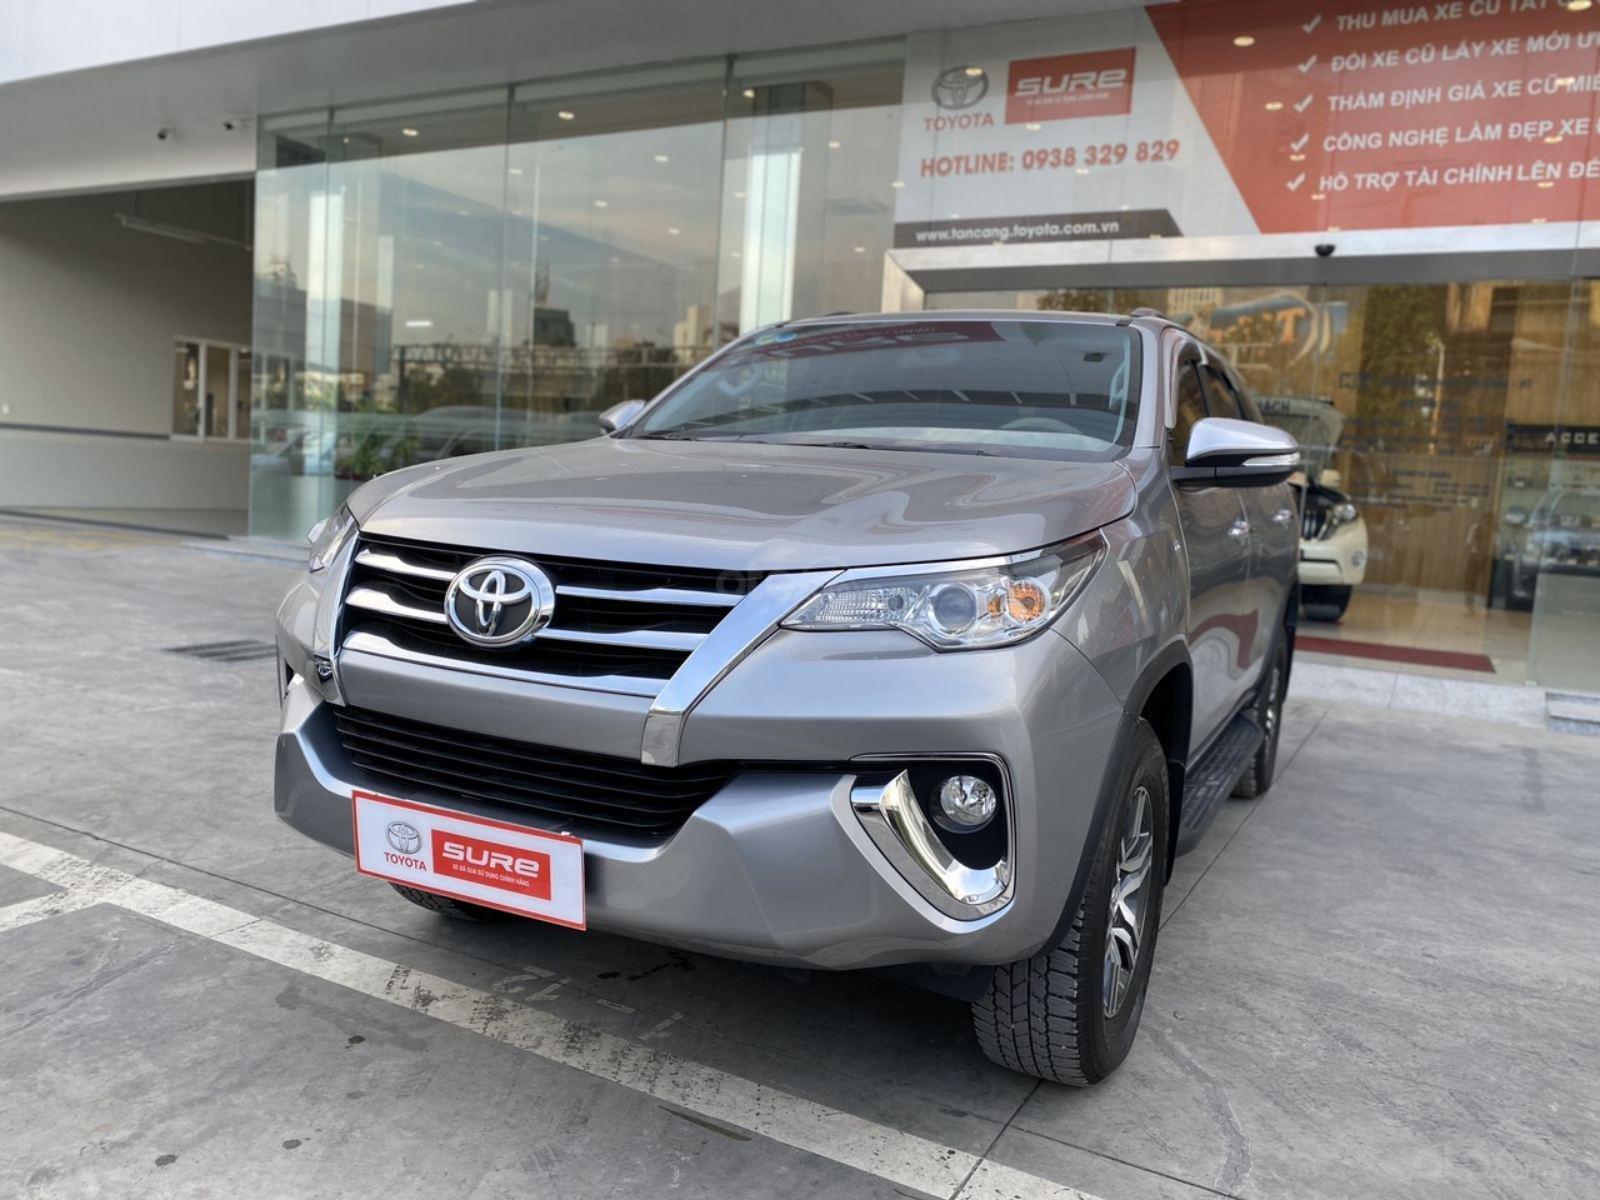 Bán Toyota Fortuner 2.7V 4x2 AT 2017, màu bạc, nhập khẩu, đi 23.000km giá 970tr (3)